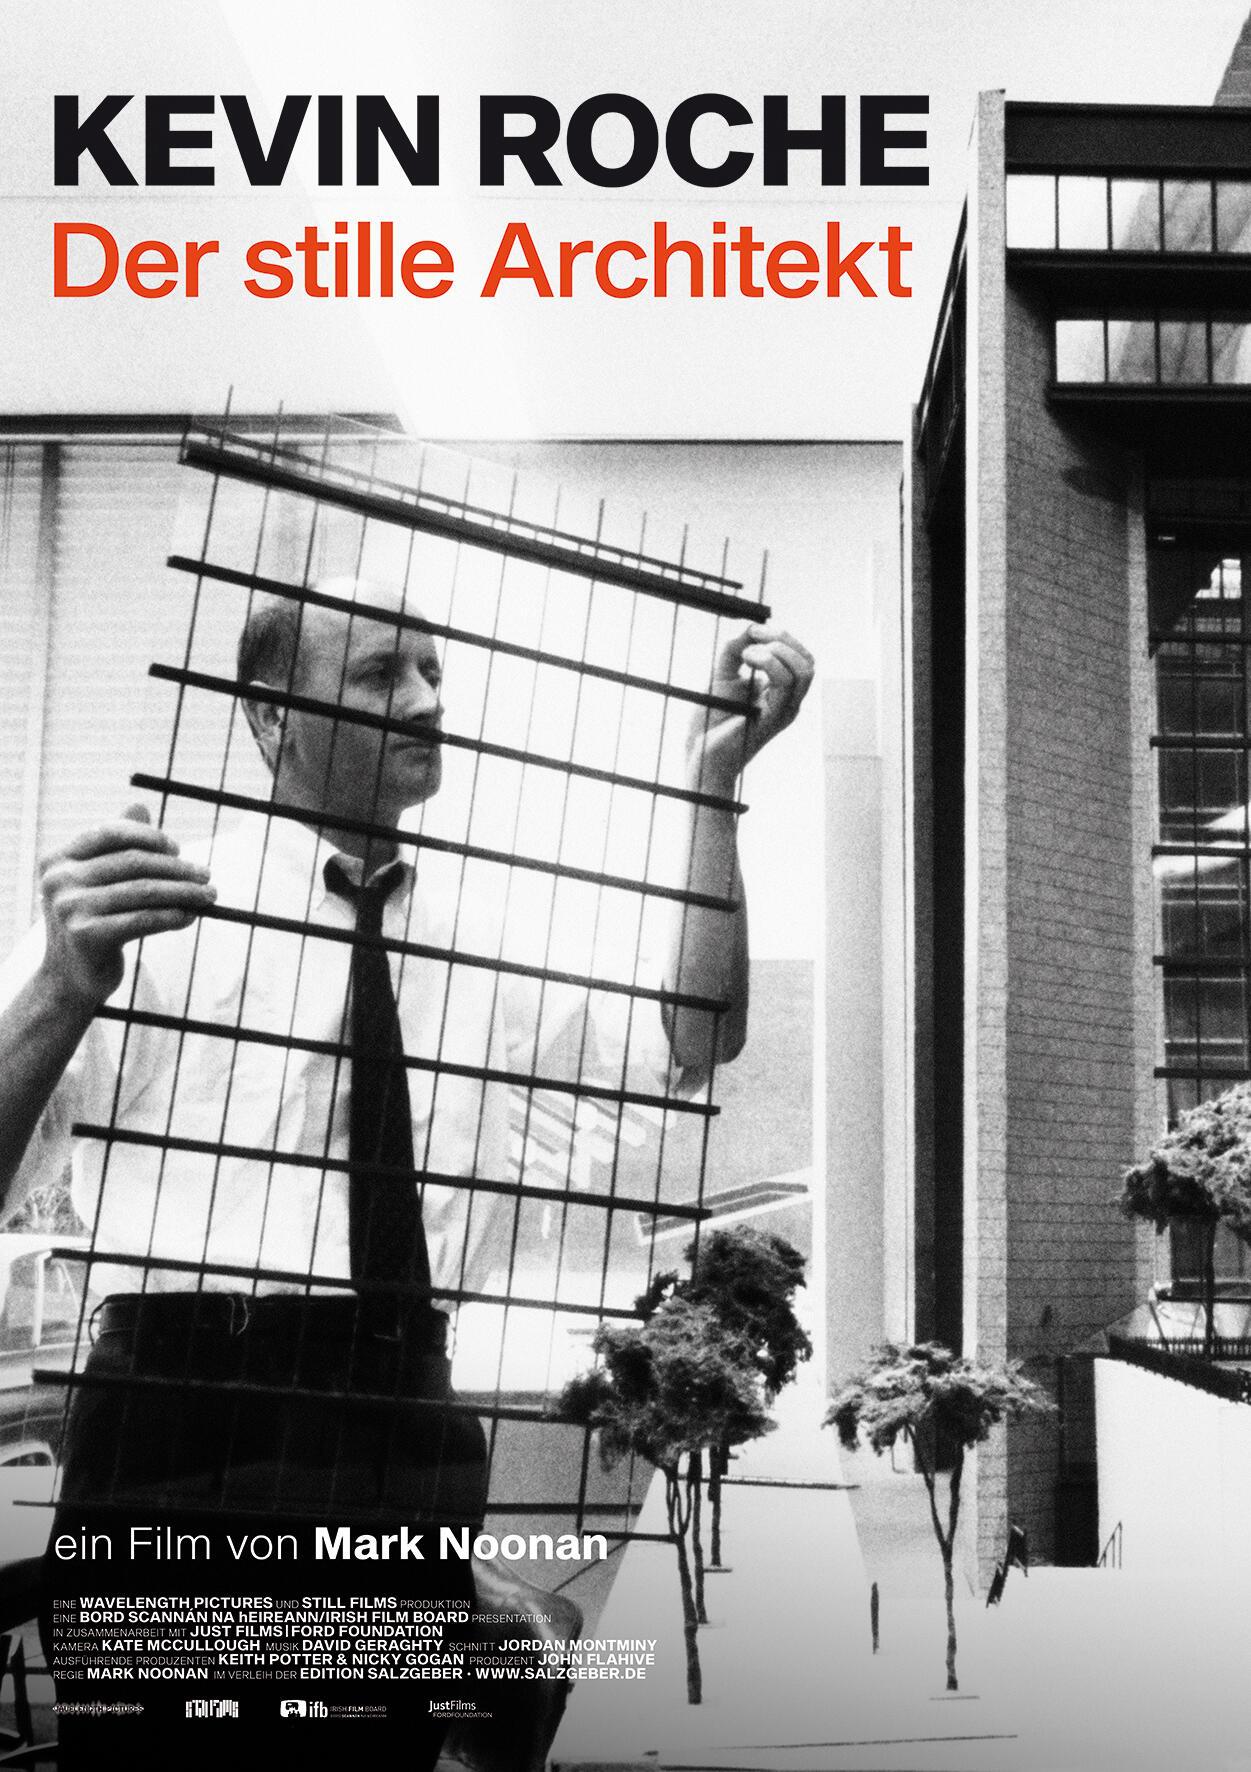 Kevin Roche - Der stille Architekt | Film 2017 | moviepilot.de